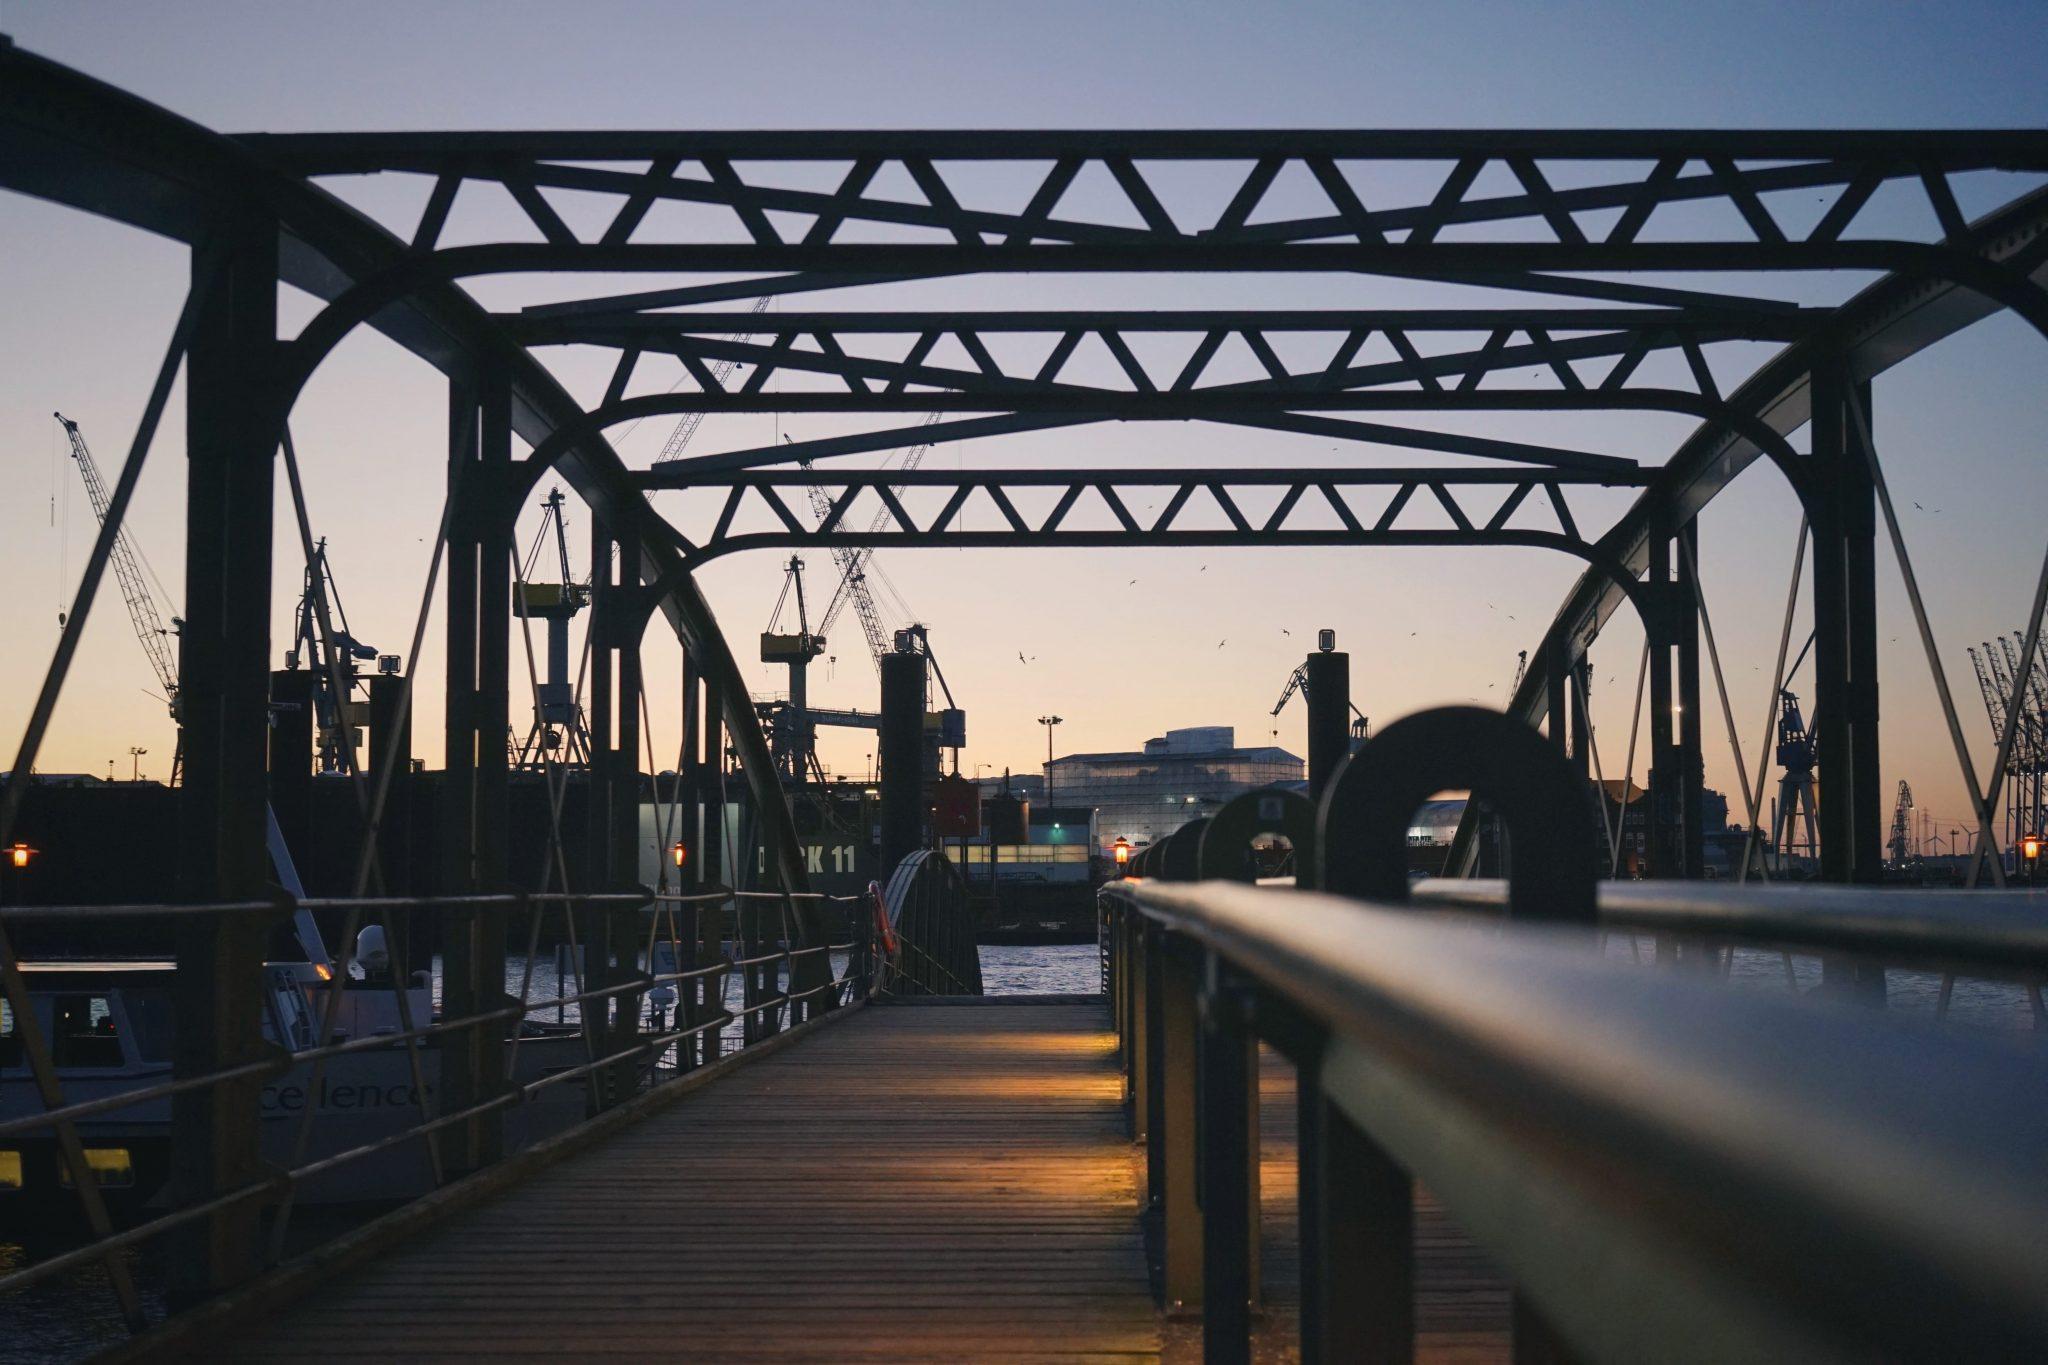 Hamburg 6 facts about Hamburg scaled